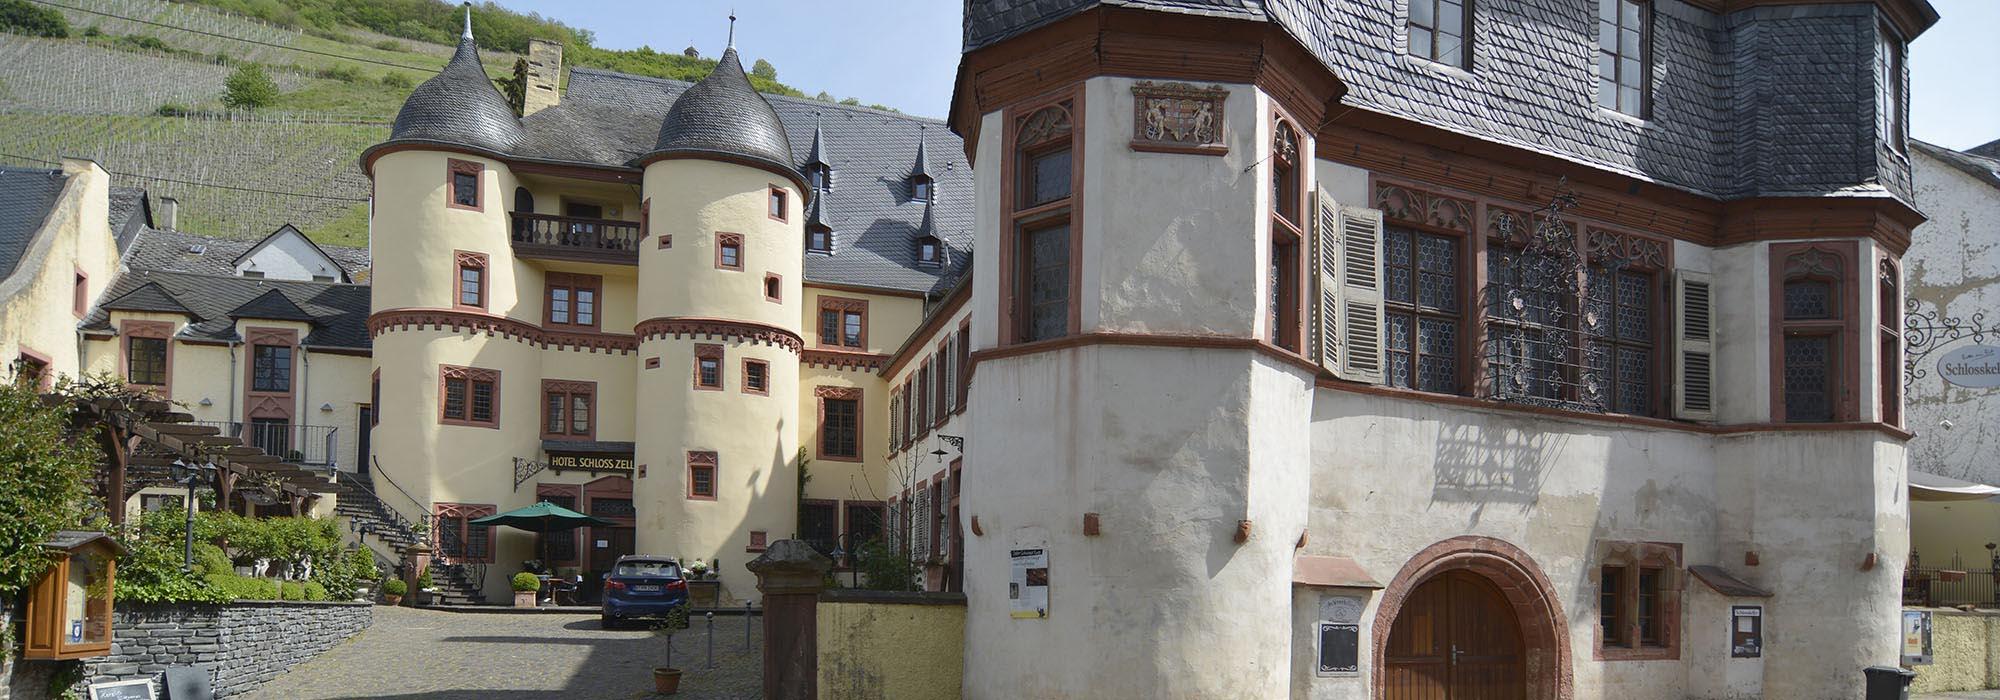 SchlossZell_ARN1190